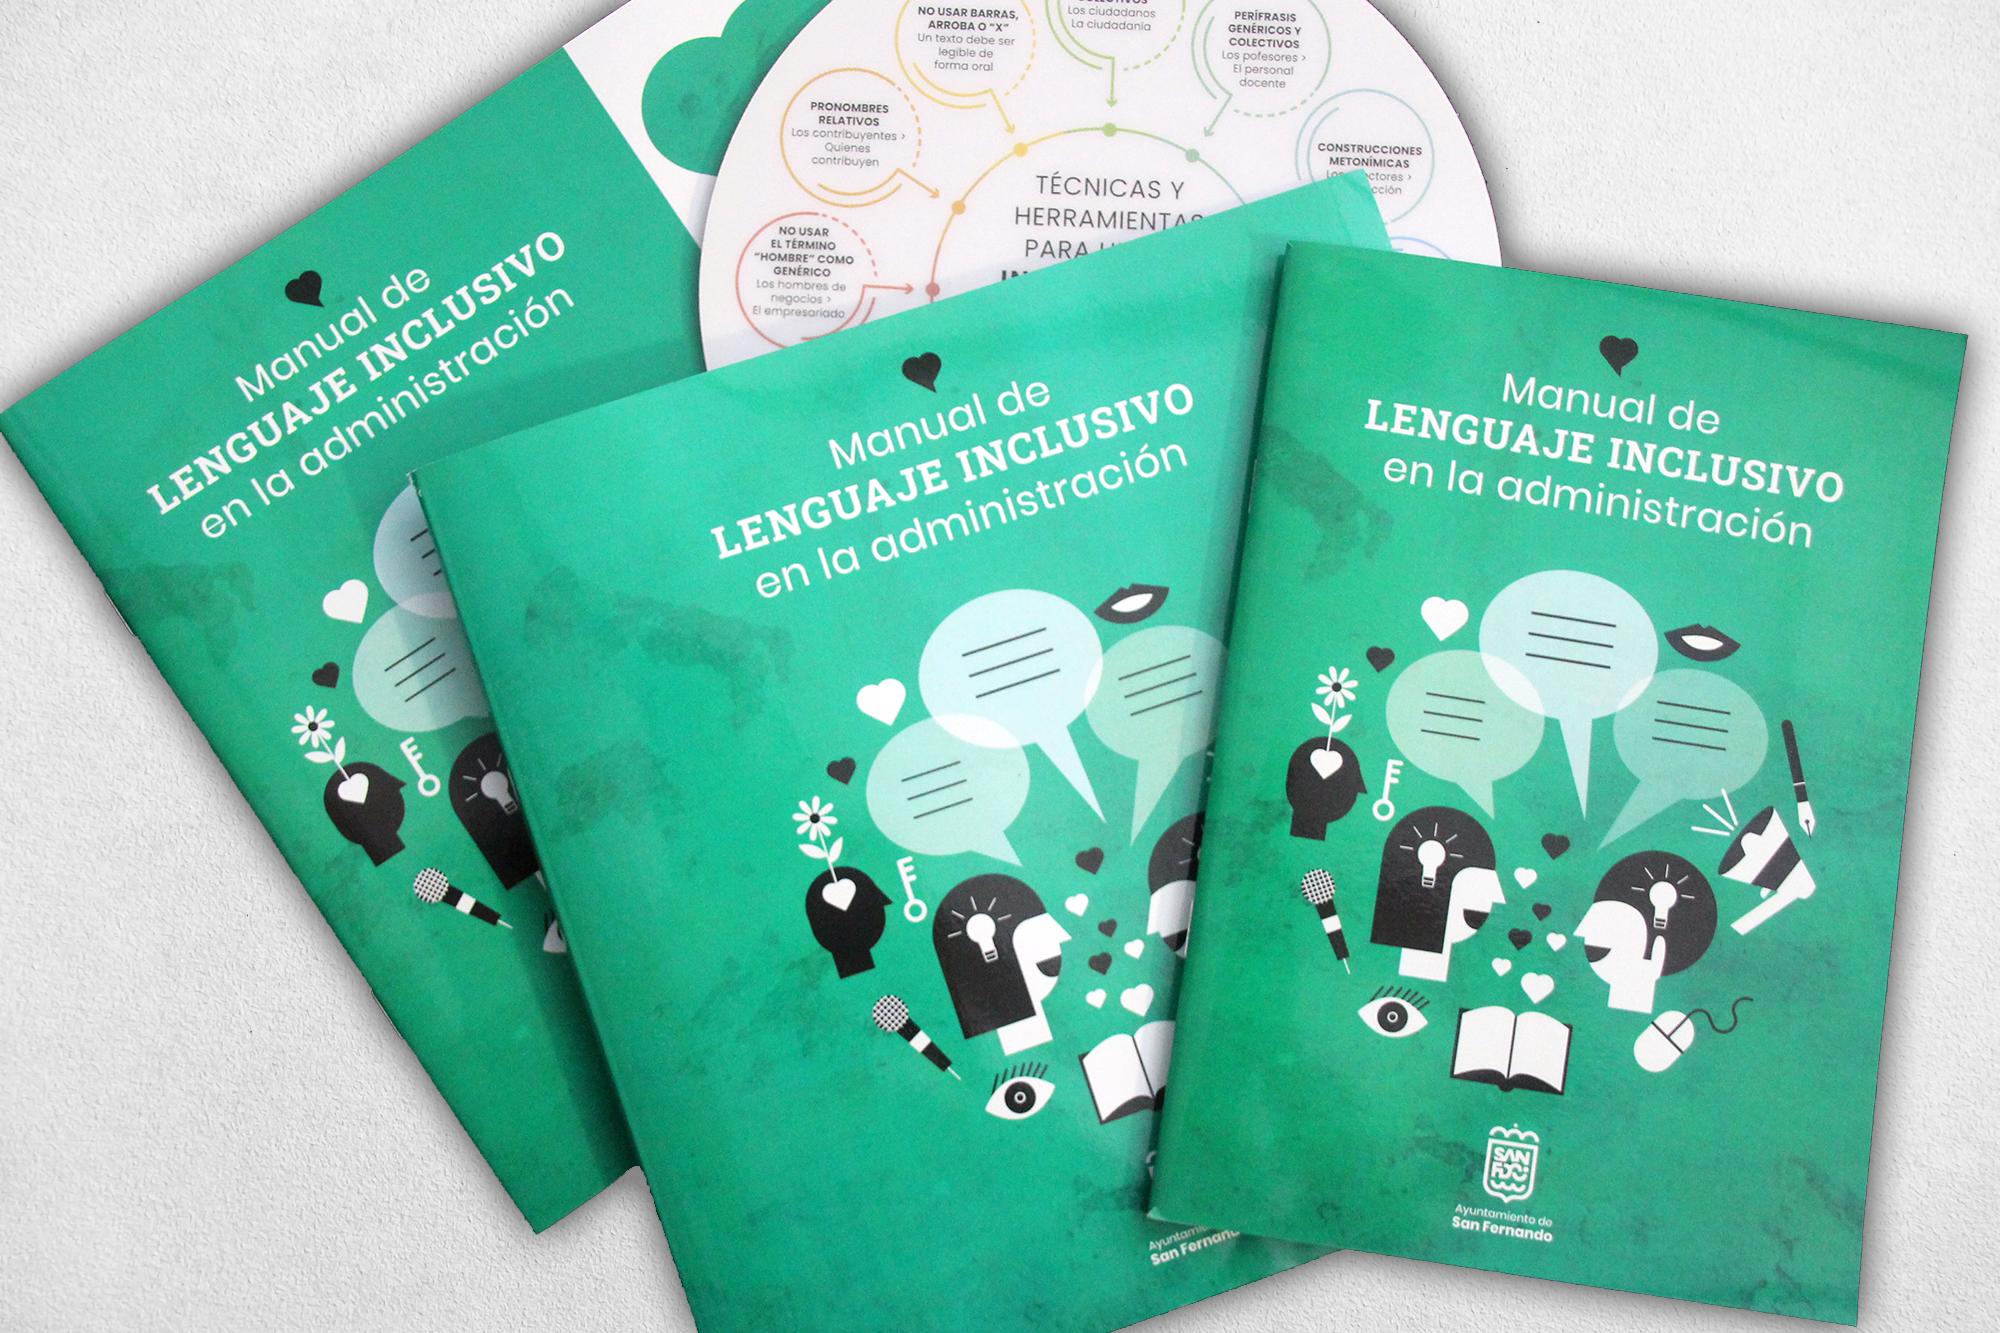 El Ayuntamiento edita un manual de lenguaje inclusivo para la administración